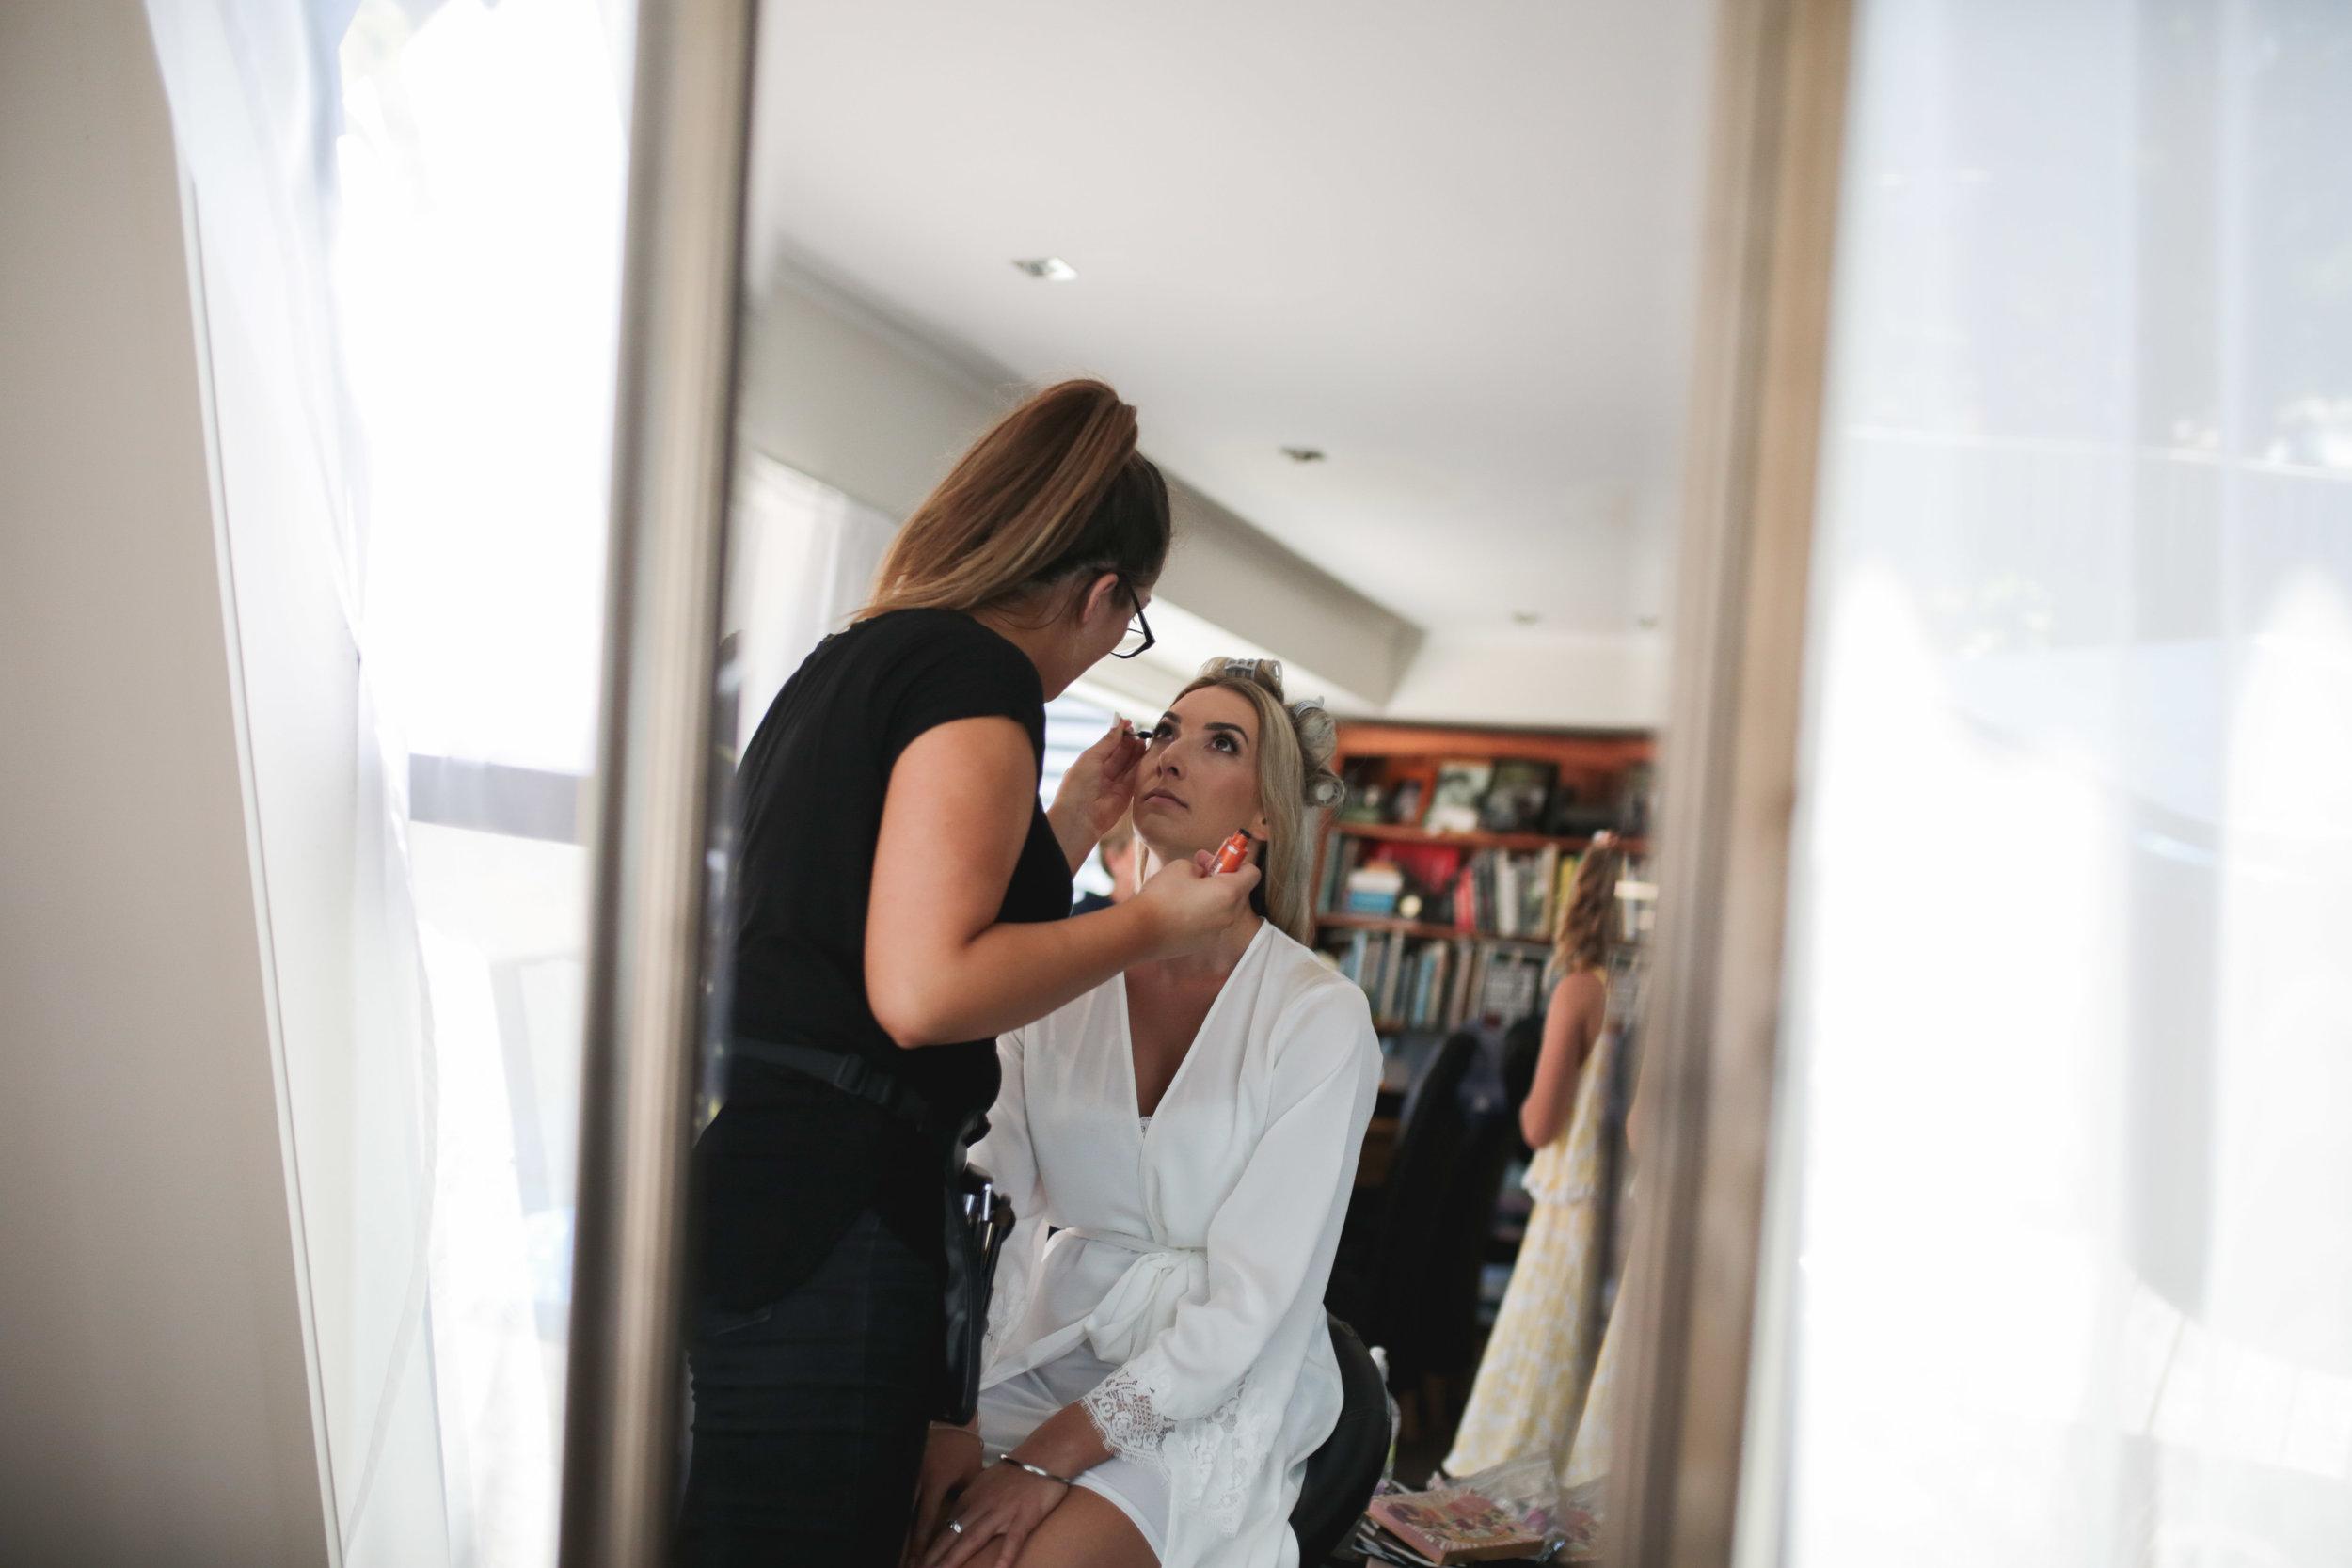 wedding-makeup-hair-bride-12.jpg